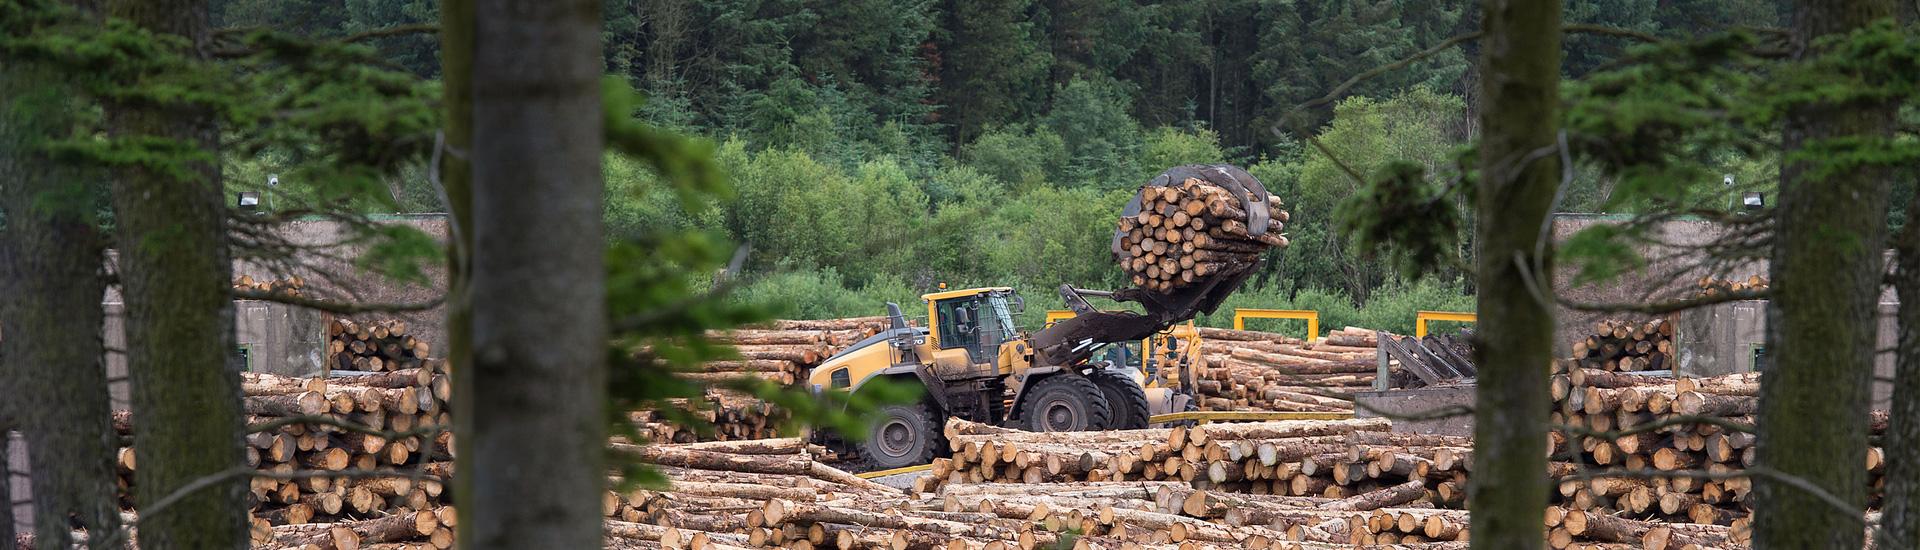 Вуд Протект - мы предлагаем антисептики и технологии для эффективной защиты древесины от гнили, плесени и насекомых на срок до 60 лет.